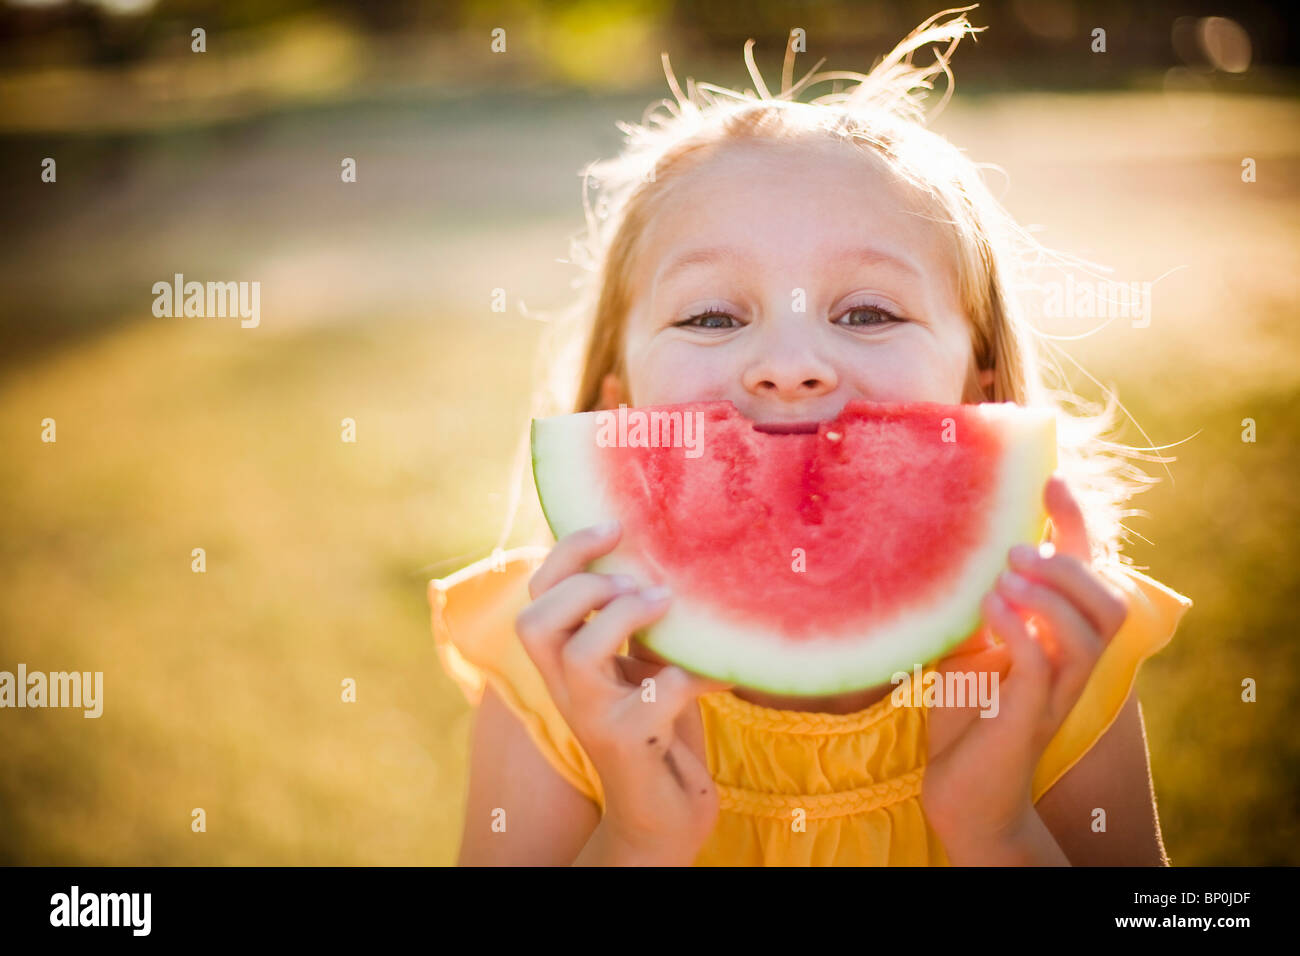 Ragazza giovane facendolo sorridere con cocomero Immagini Stock